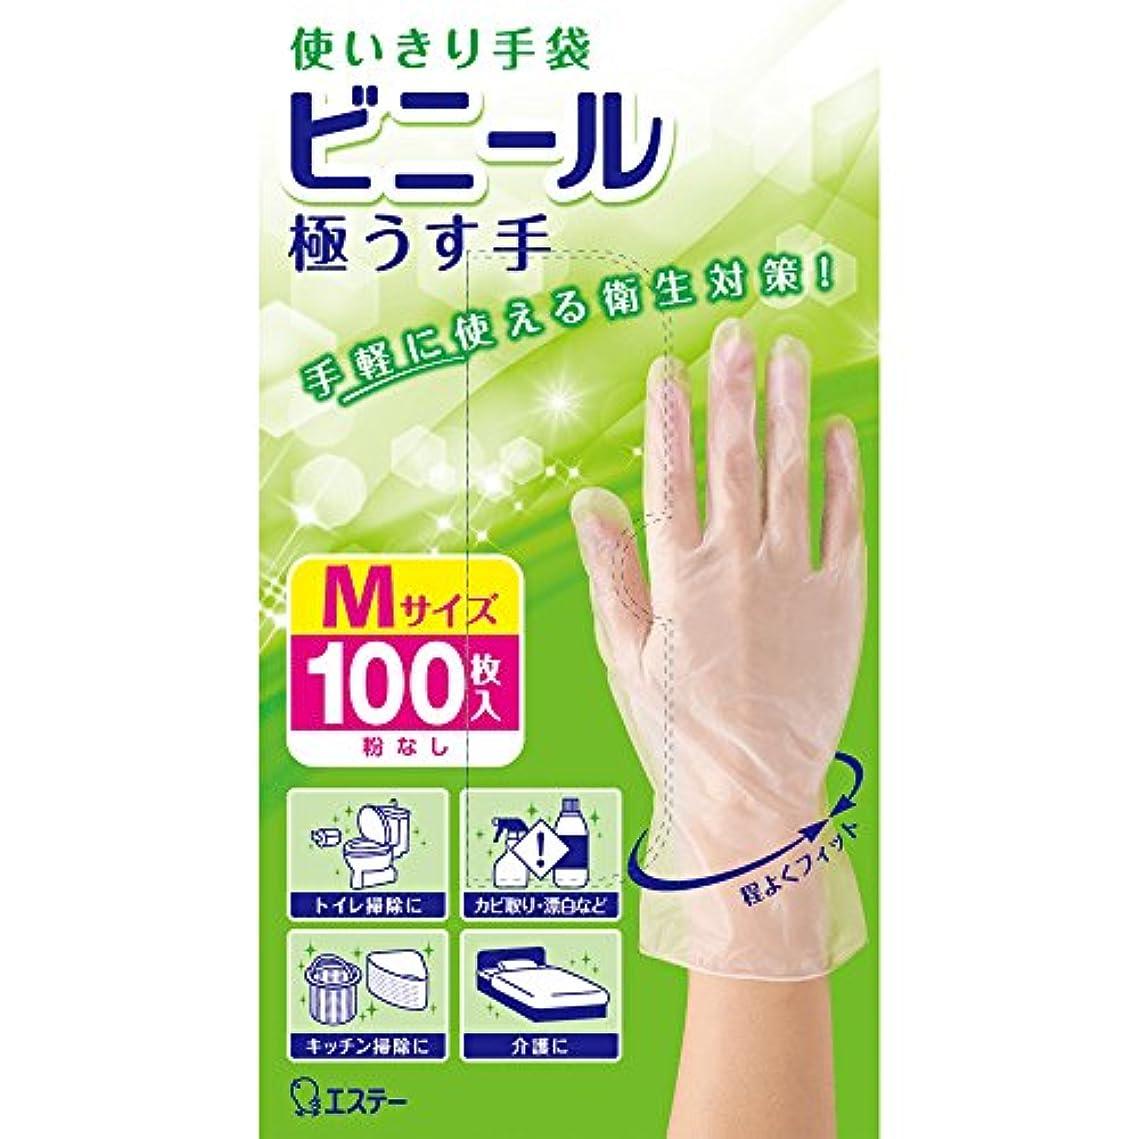 ふさわしい無知野な使いきり手袋 ビニール 極うす手 掃除用 使い捨て Mサイズ 半透明 100枚